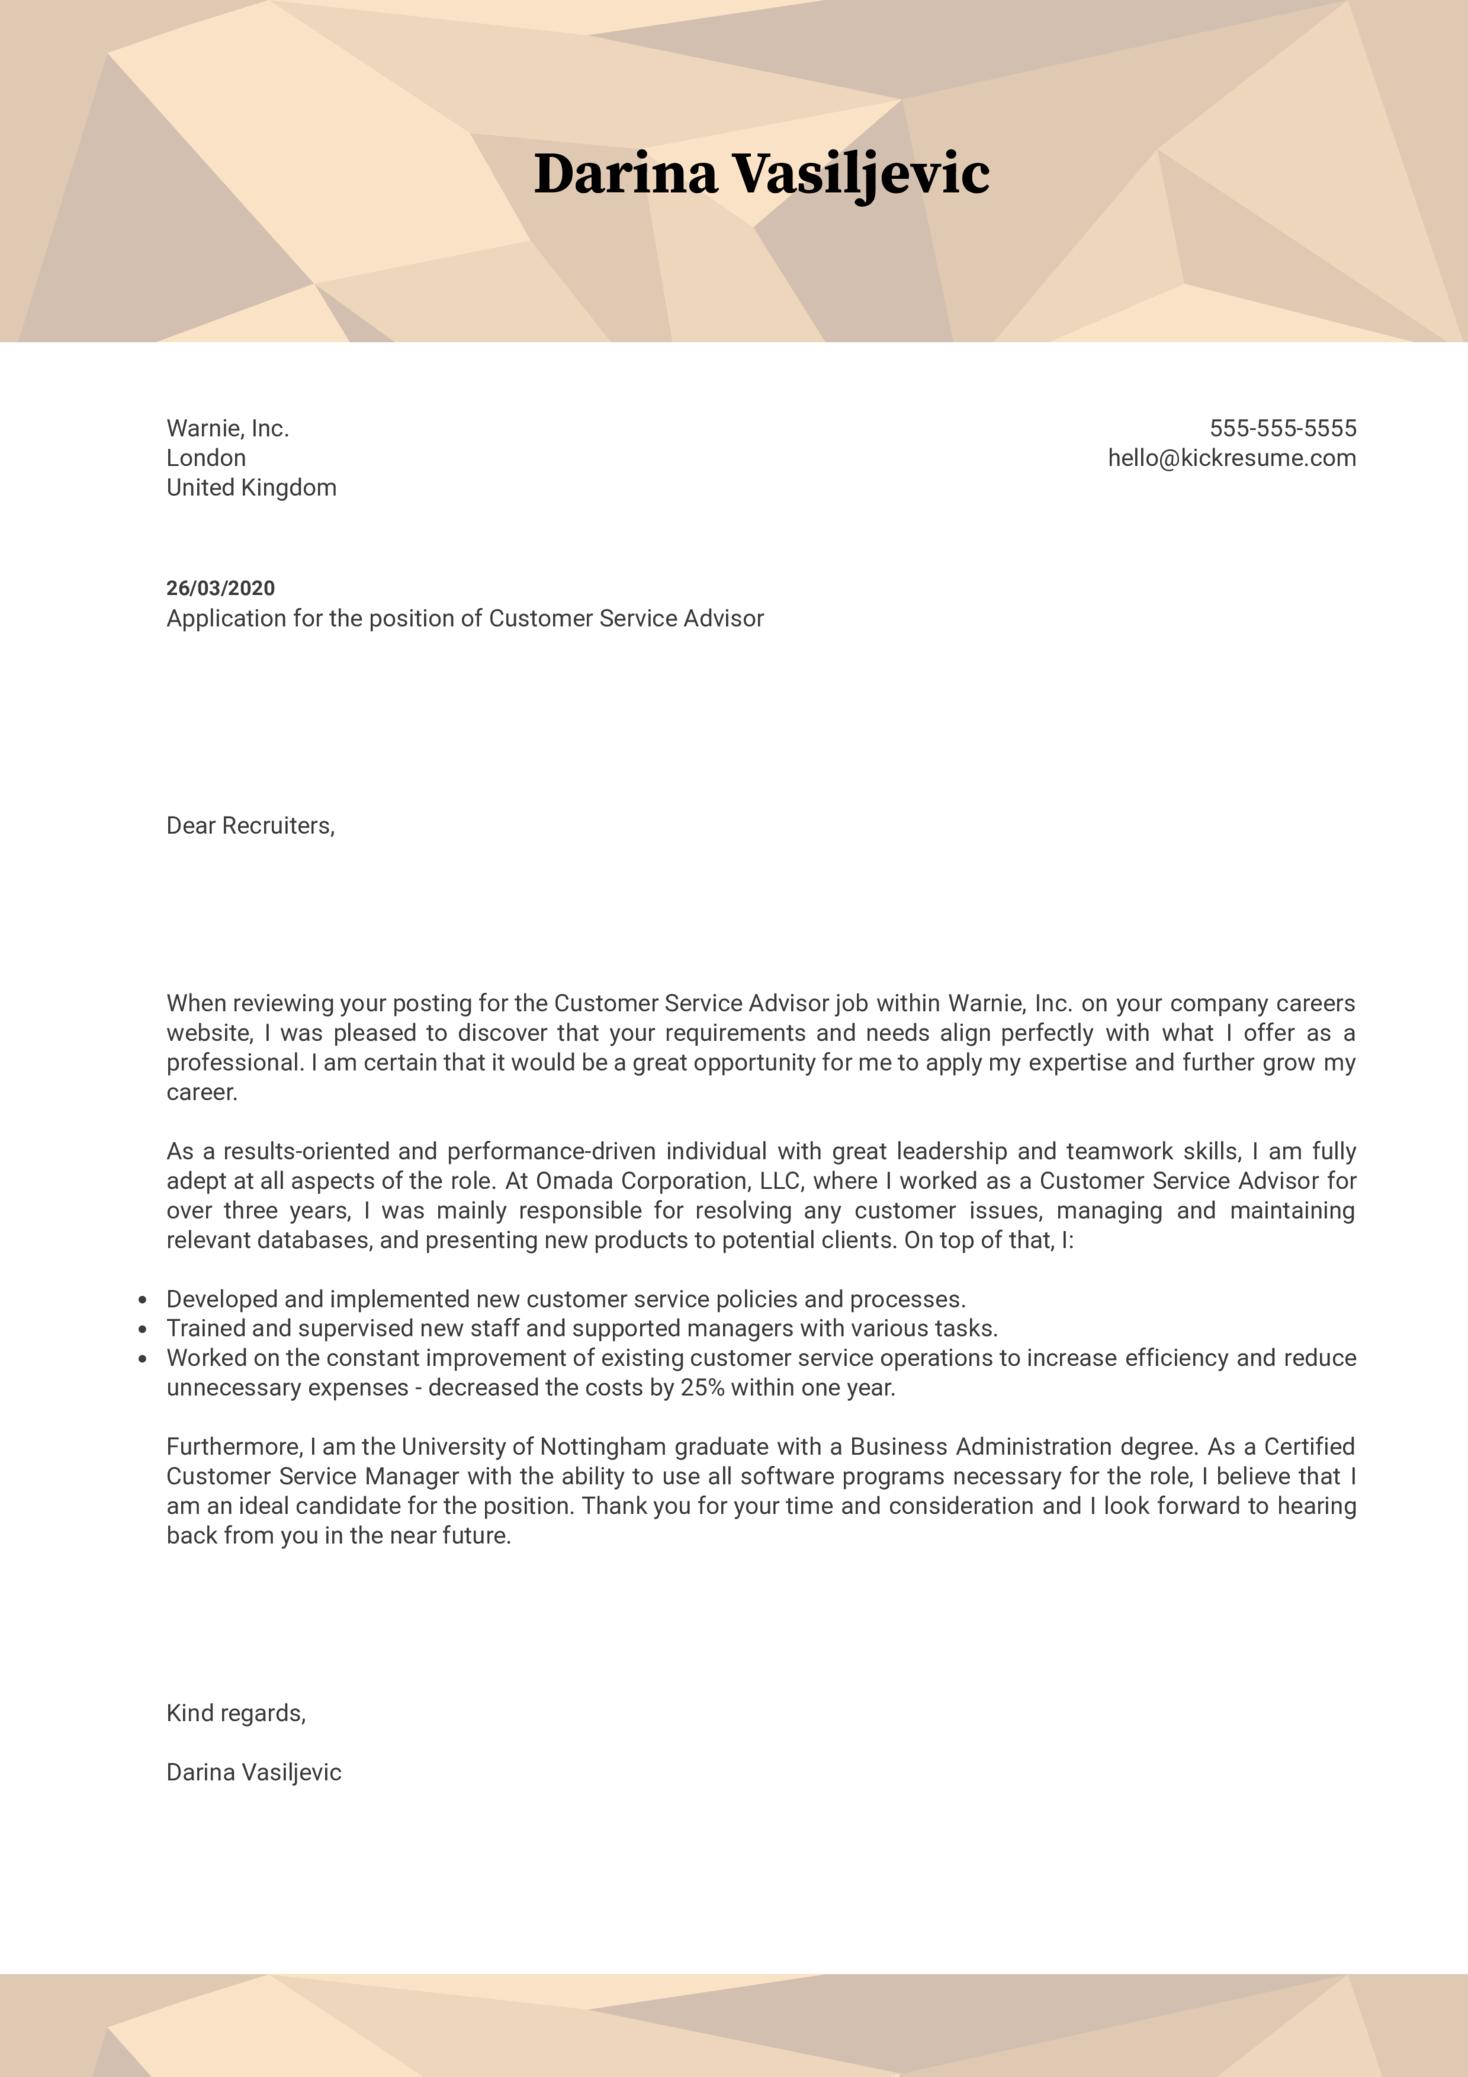 Customer Service Advisor Cover Letter Sample